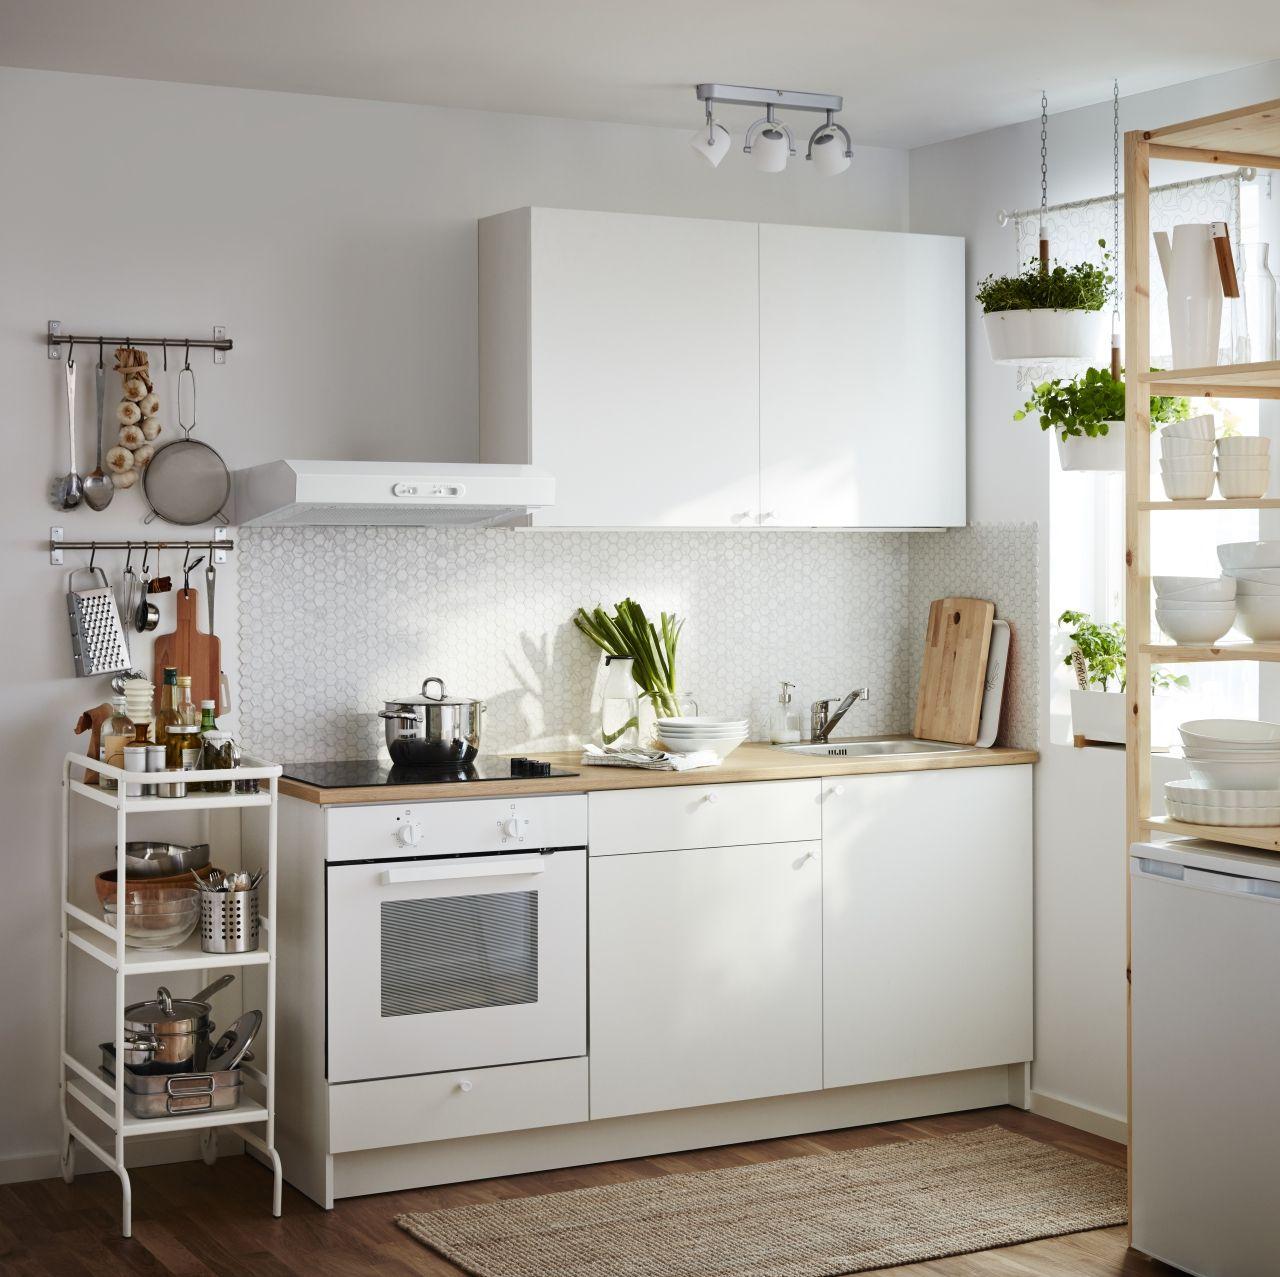 Mobili Per Cucina Piccola knoxhult mobile base con ante e cassetto - bianco 180 cm